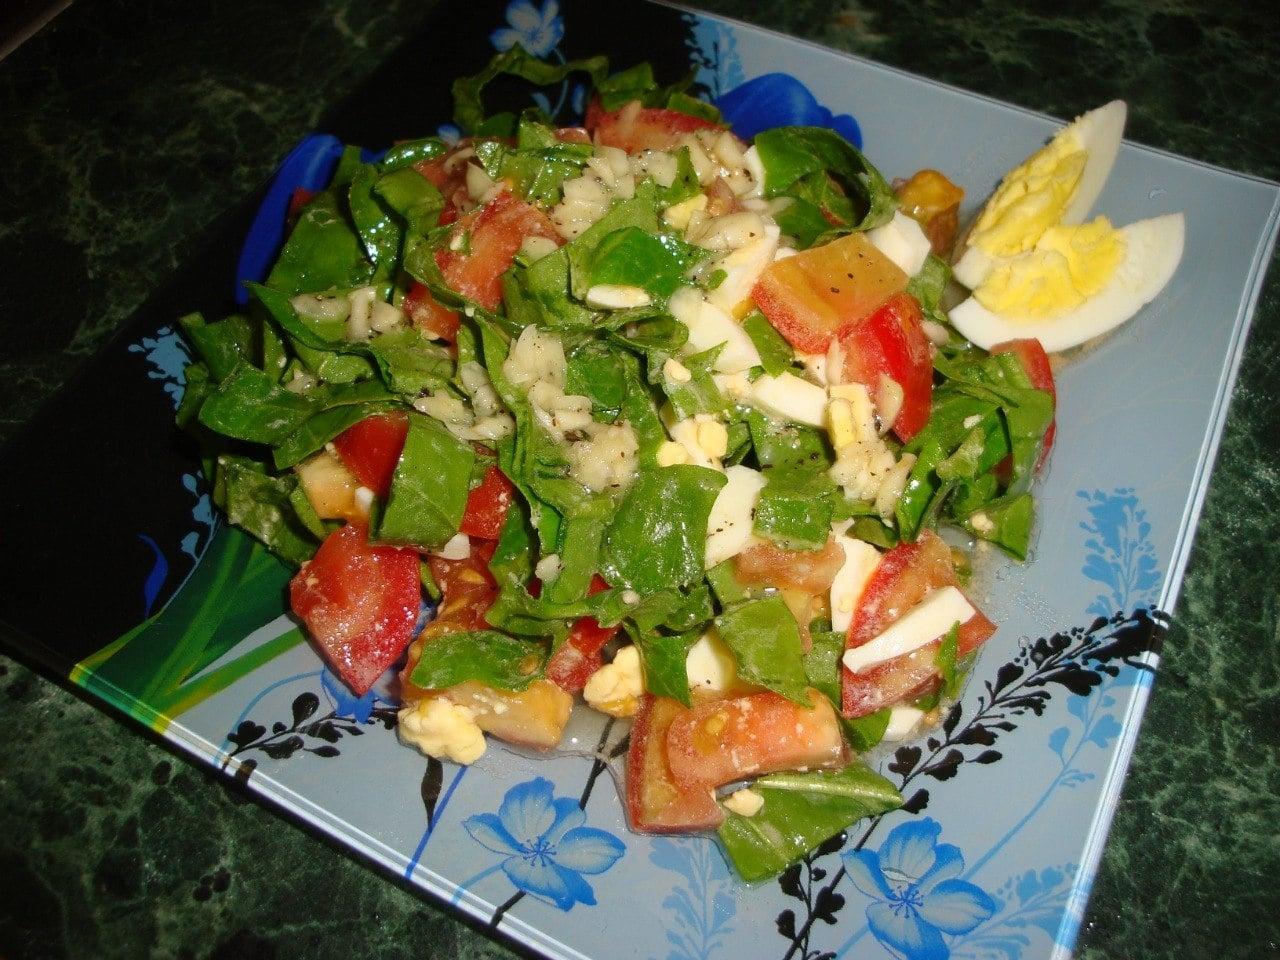 Салат из помидоров со шпинатом - приготовление, шаг 4